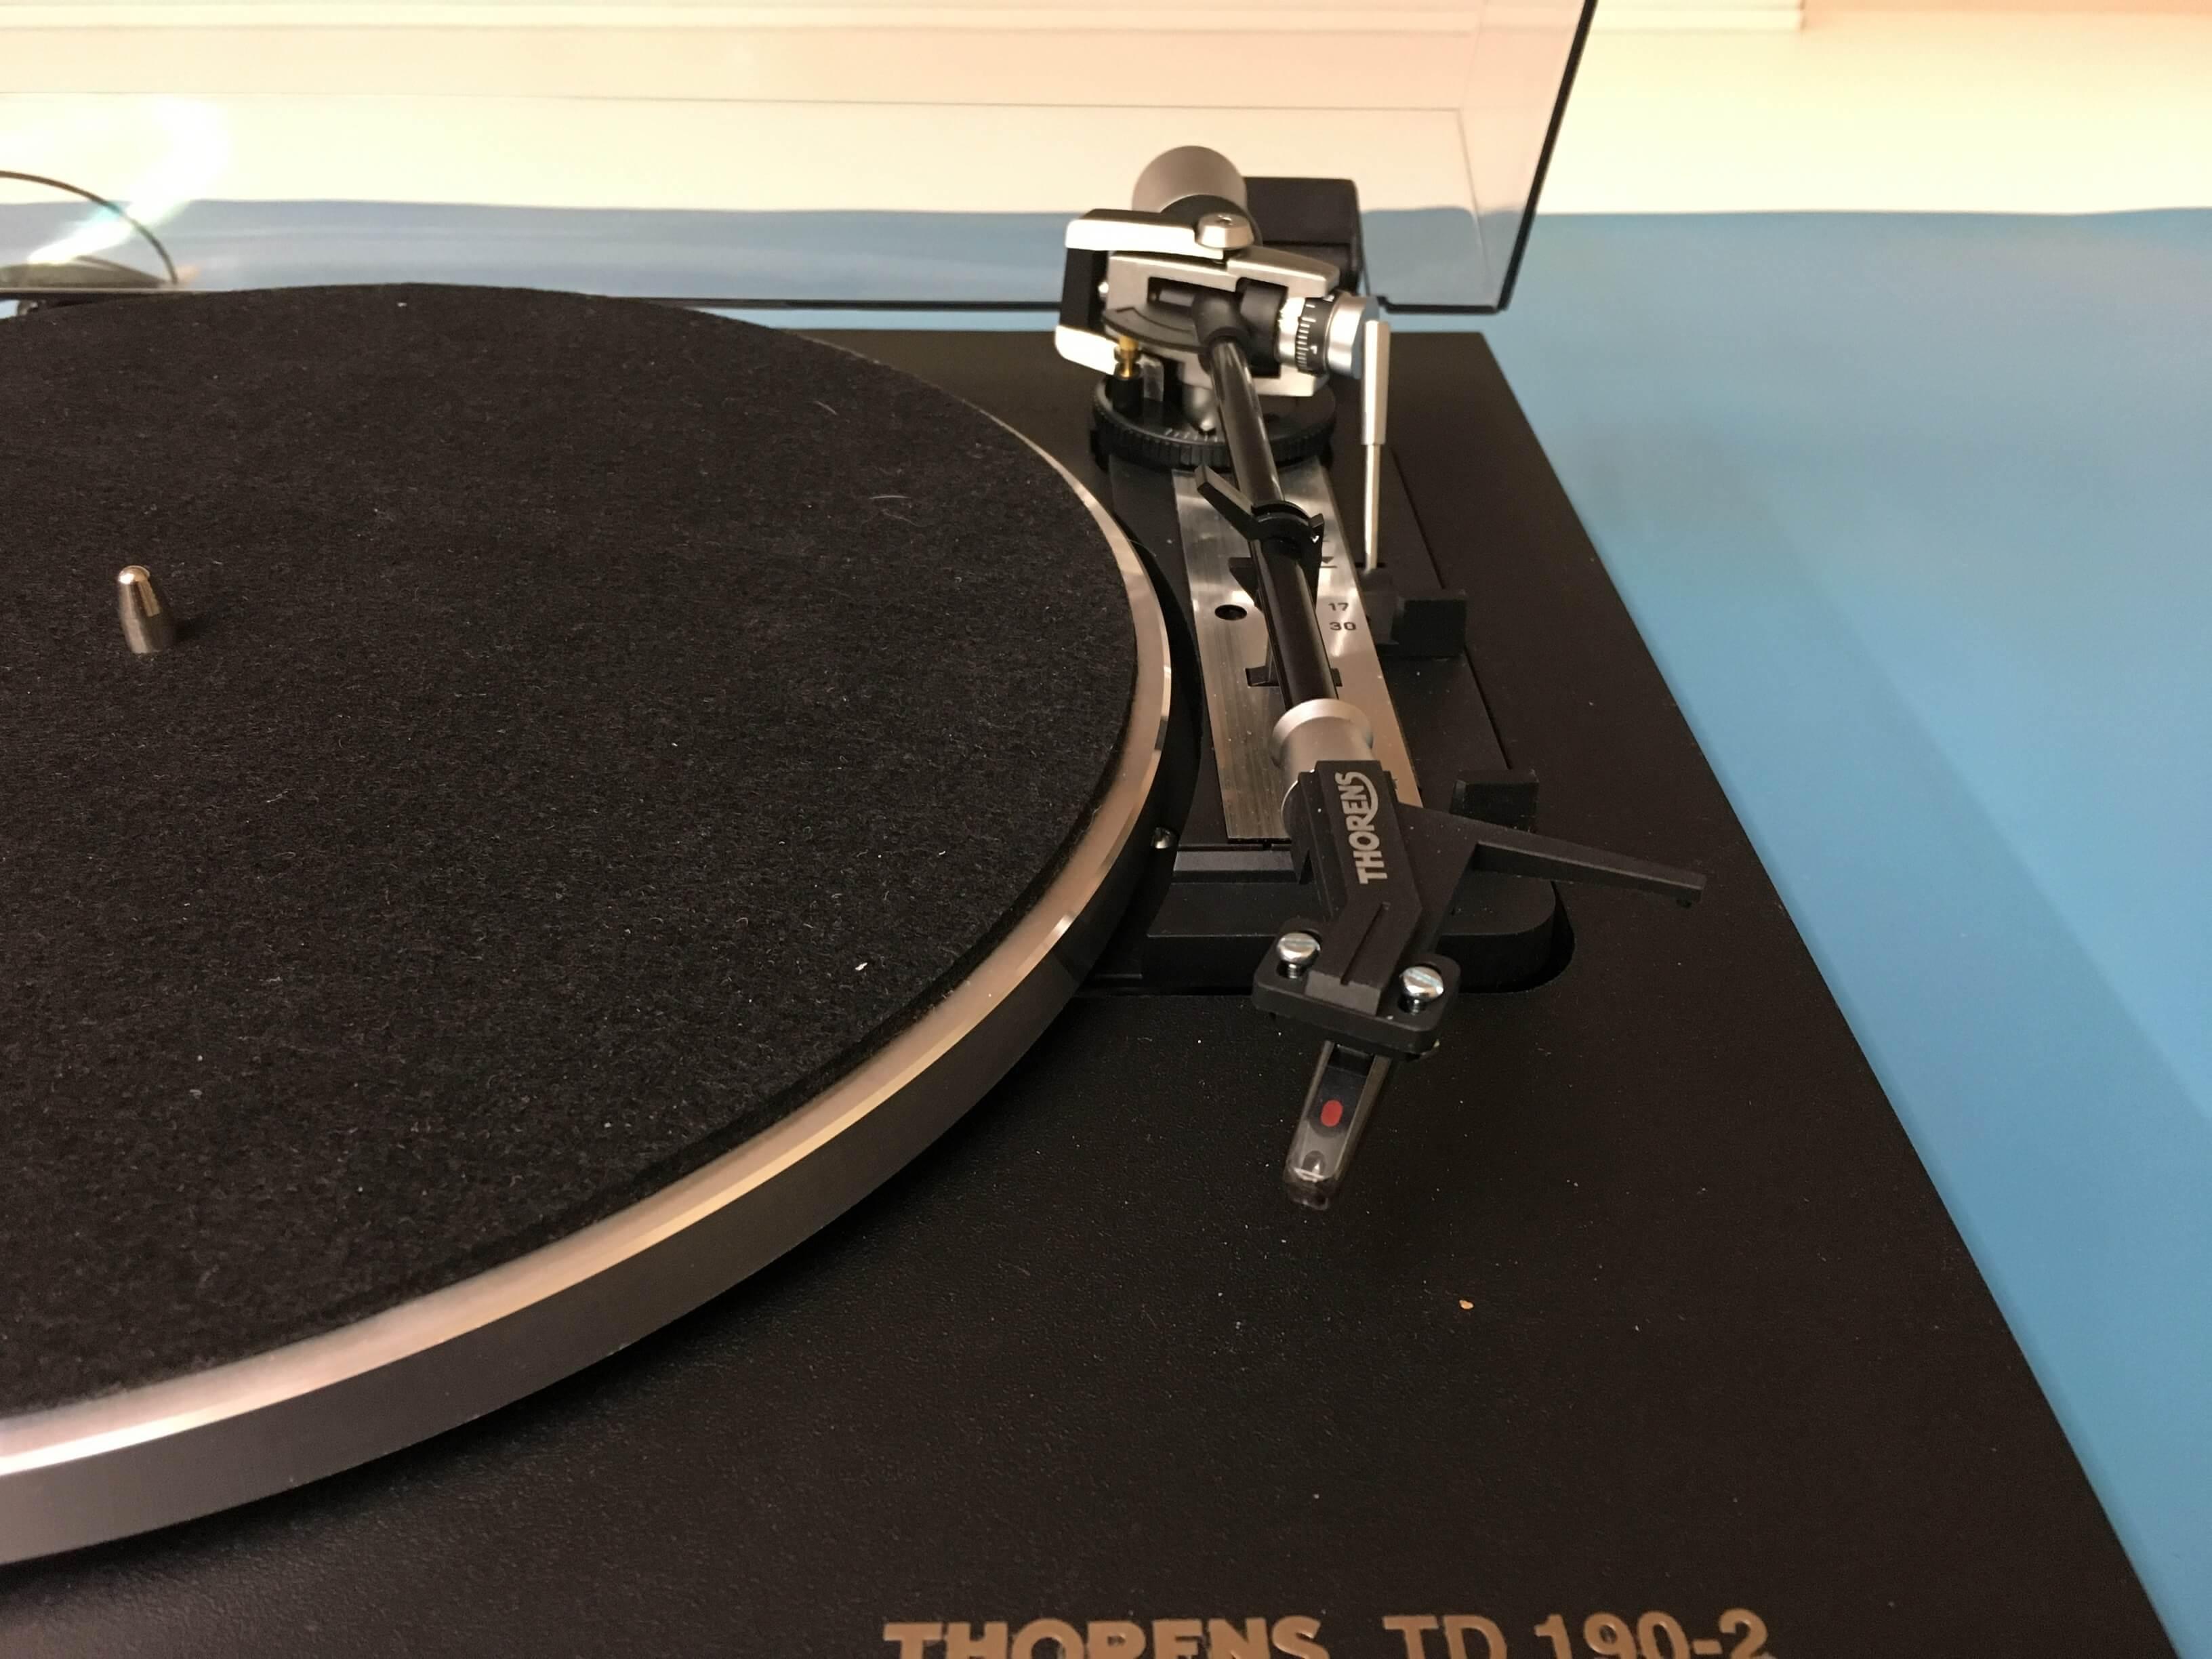 Thorens TD 190-2 turntable